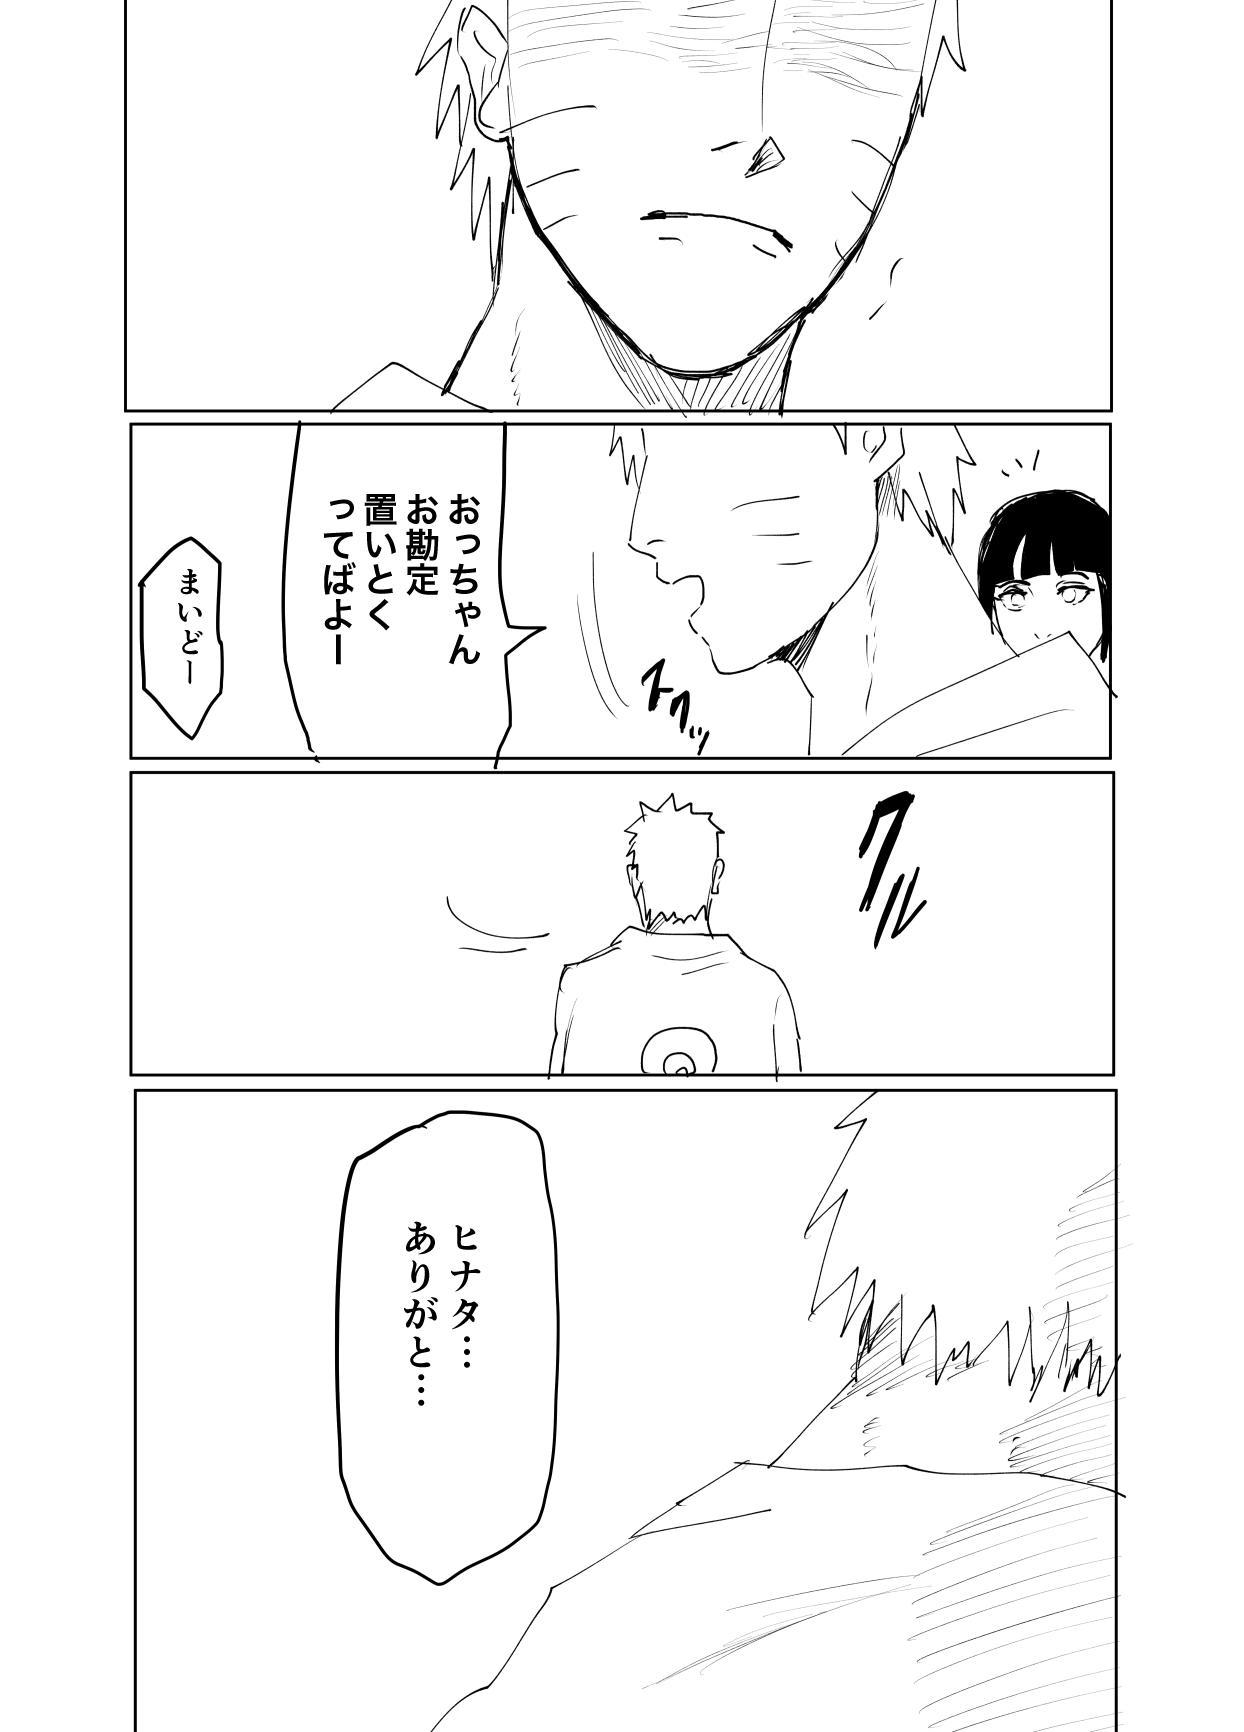 嘘告白漫画 27